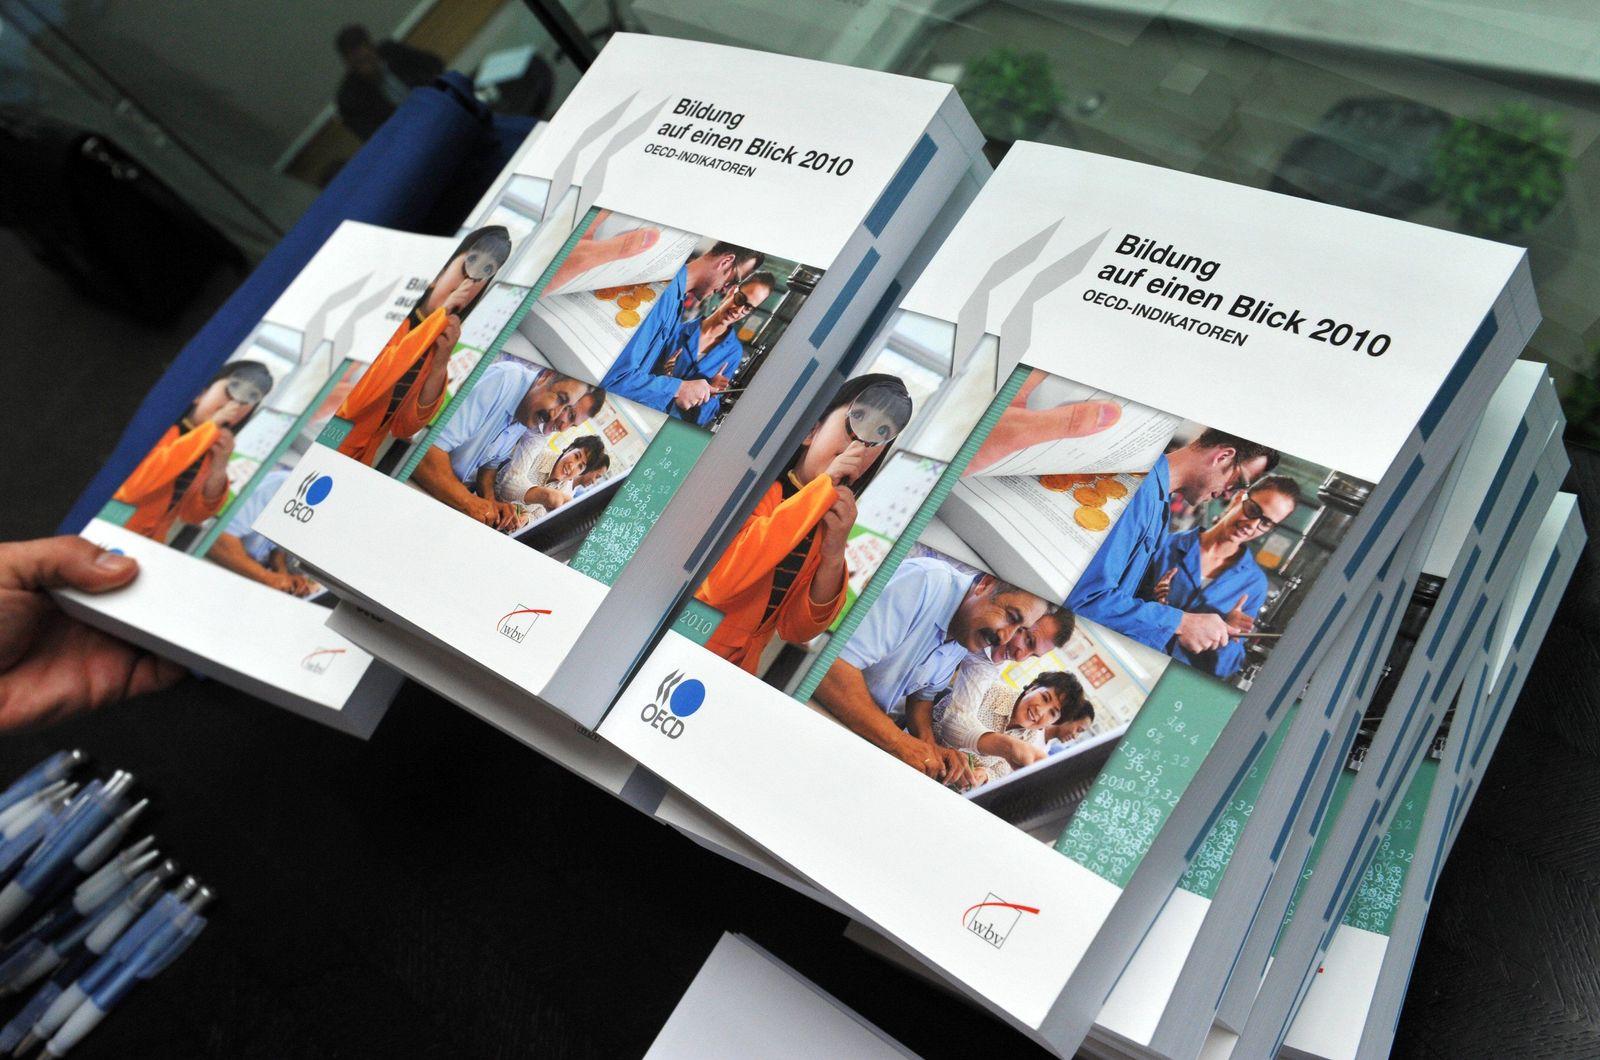 OECD-Studie vorgestellt